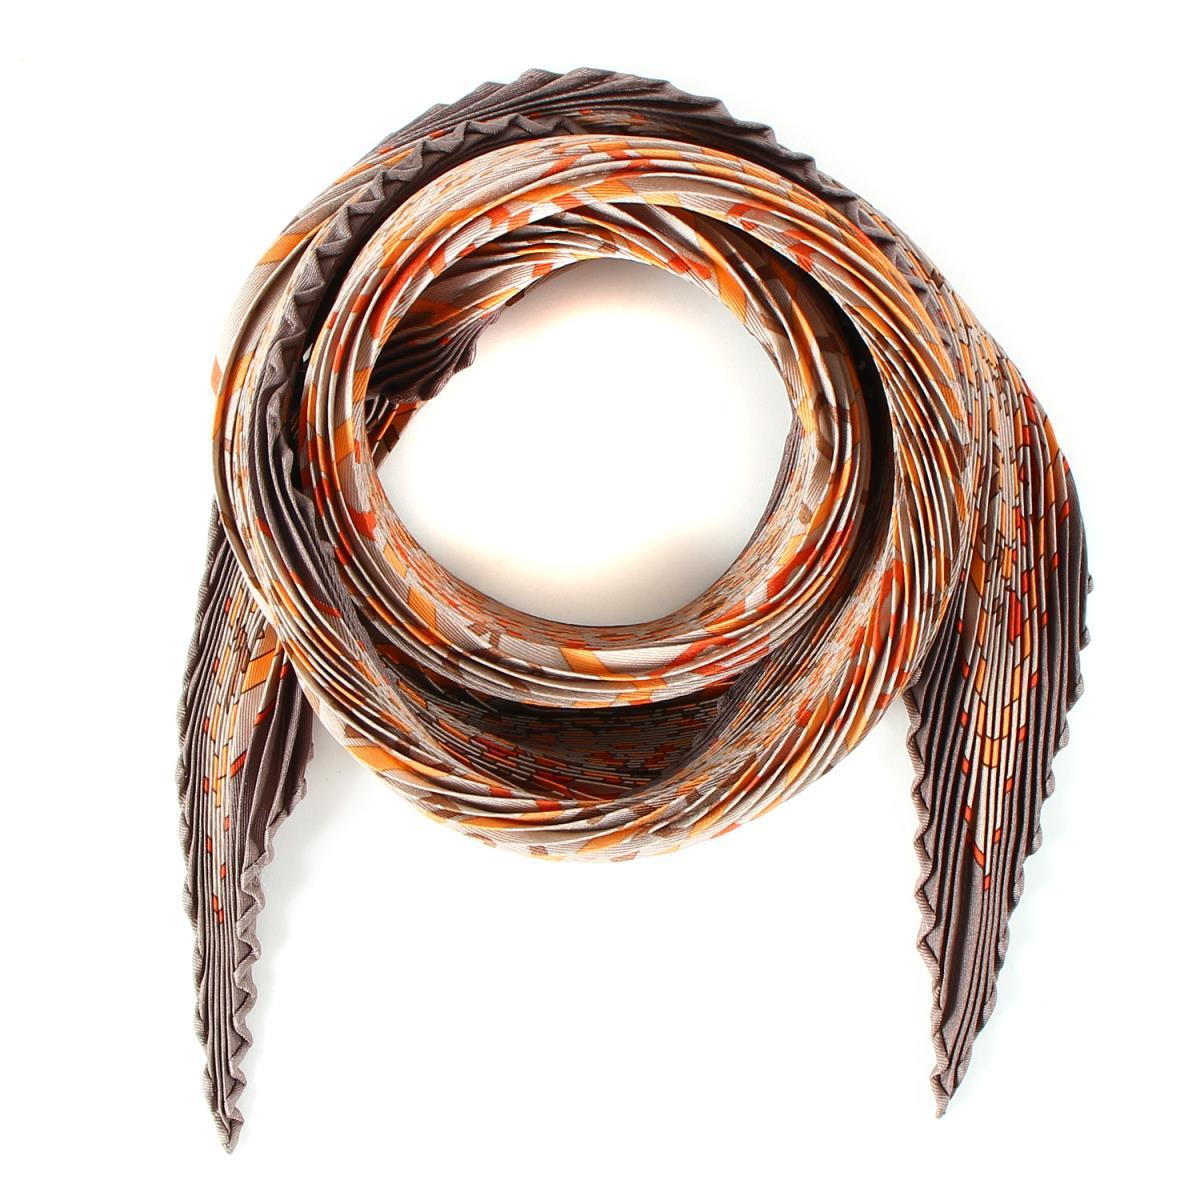 HERMES(エルメス) CARRE PLISSE シルク プリーツ カレ スカーフ ブラウン×ベージュ×オレンジ【美品】【K2246】【中古】【レディース】